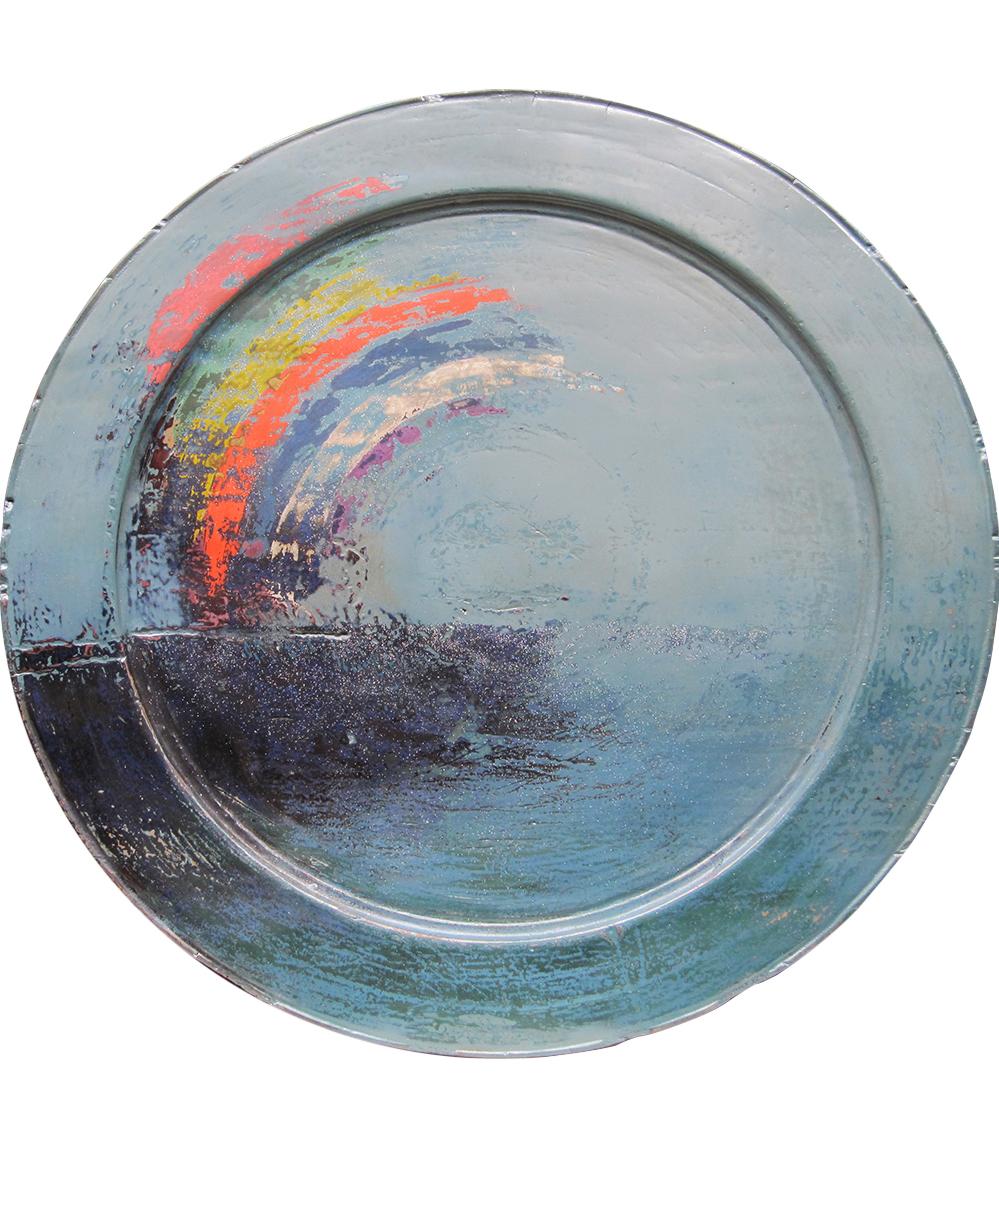 Vu Trung: Trifles